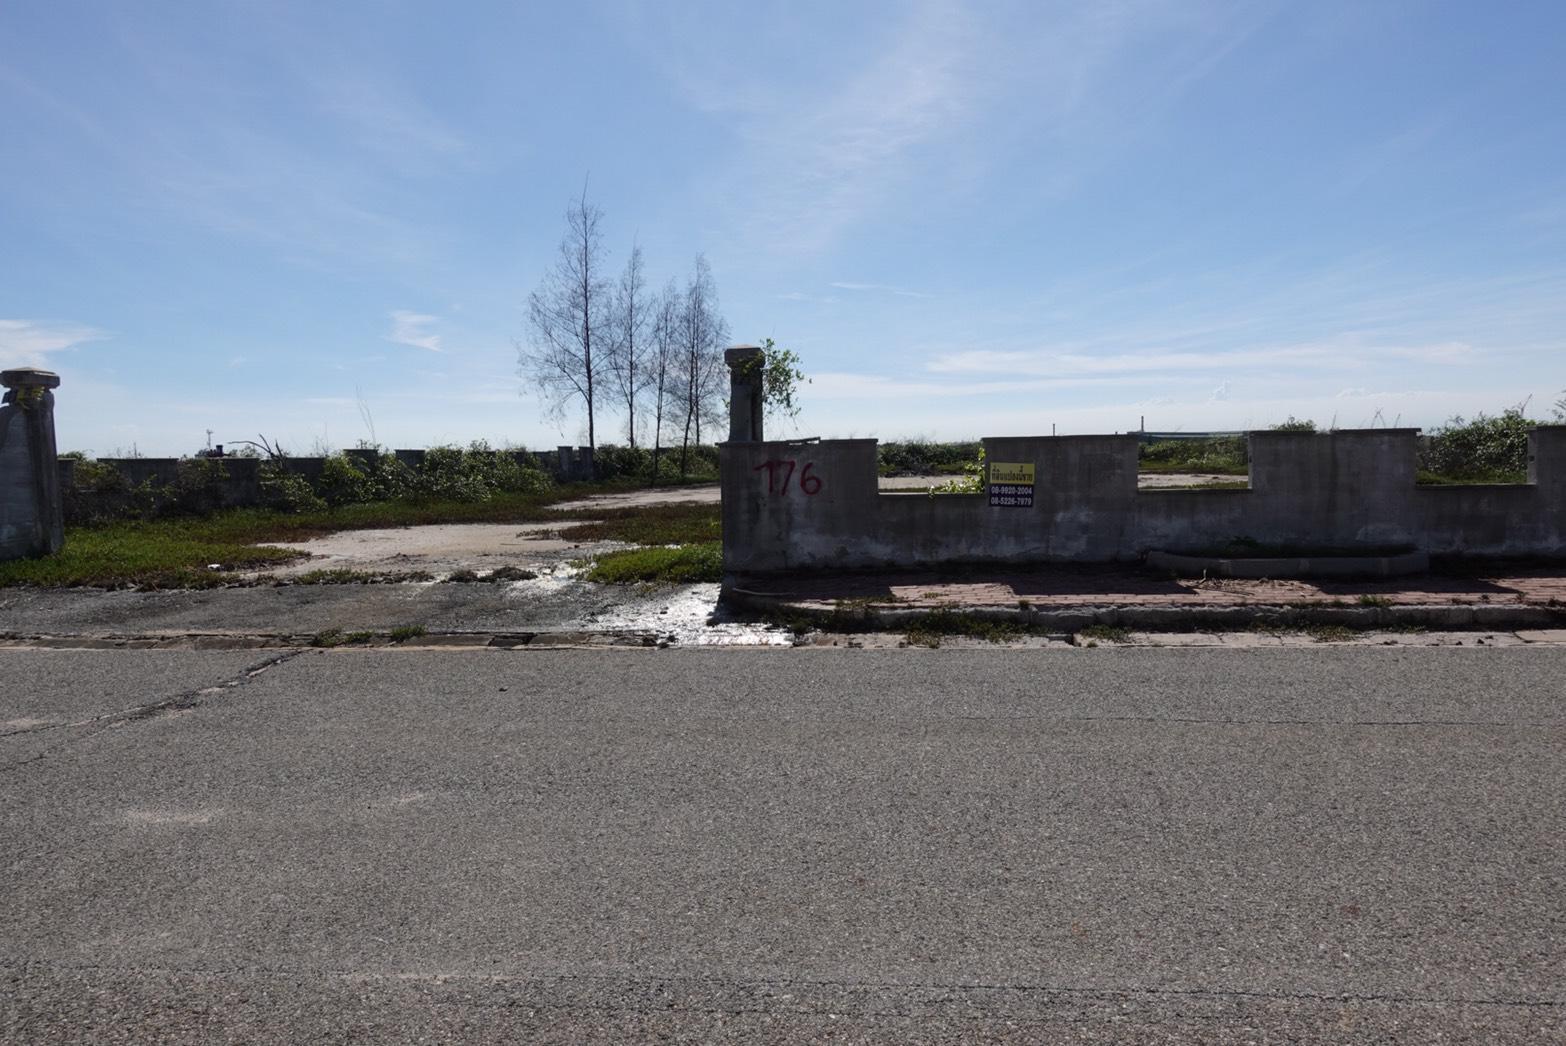 ขายที่ดินในโครงการเลคไซด์ วิลล่า 3 อ.บางปะกง จ.ฉะเชิงเทรา